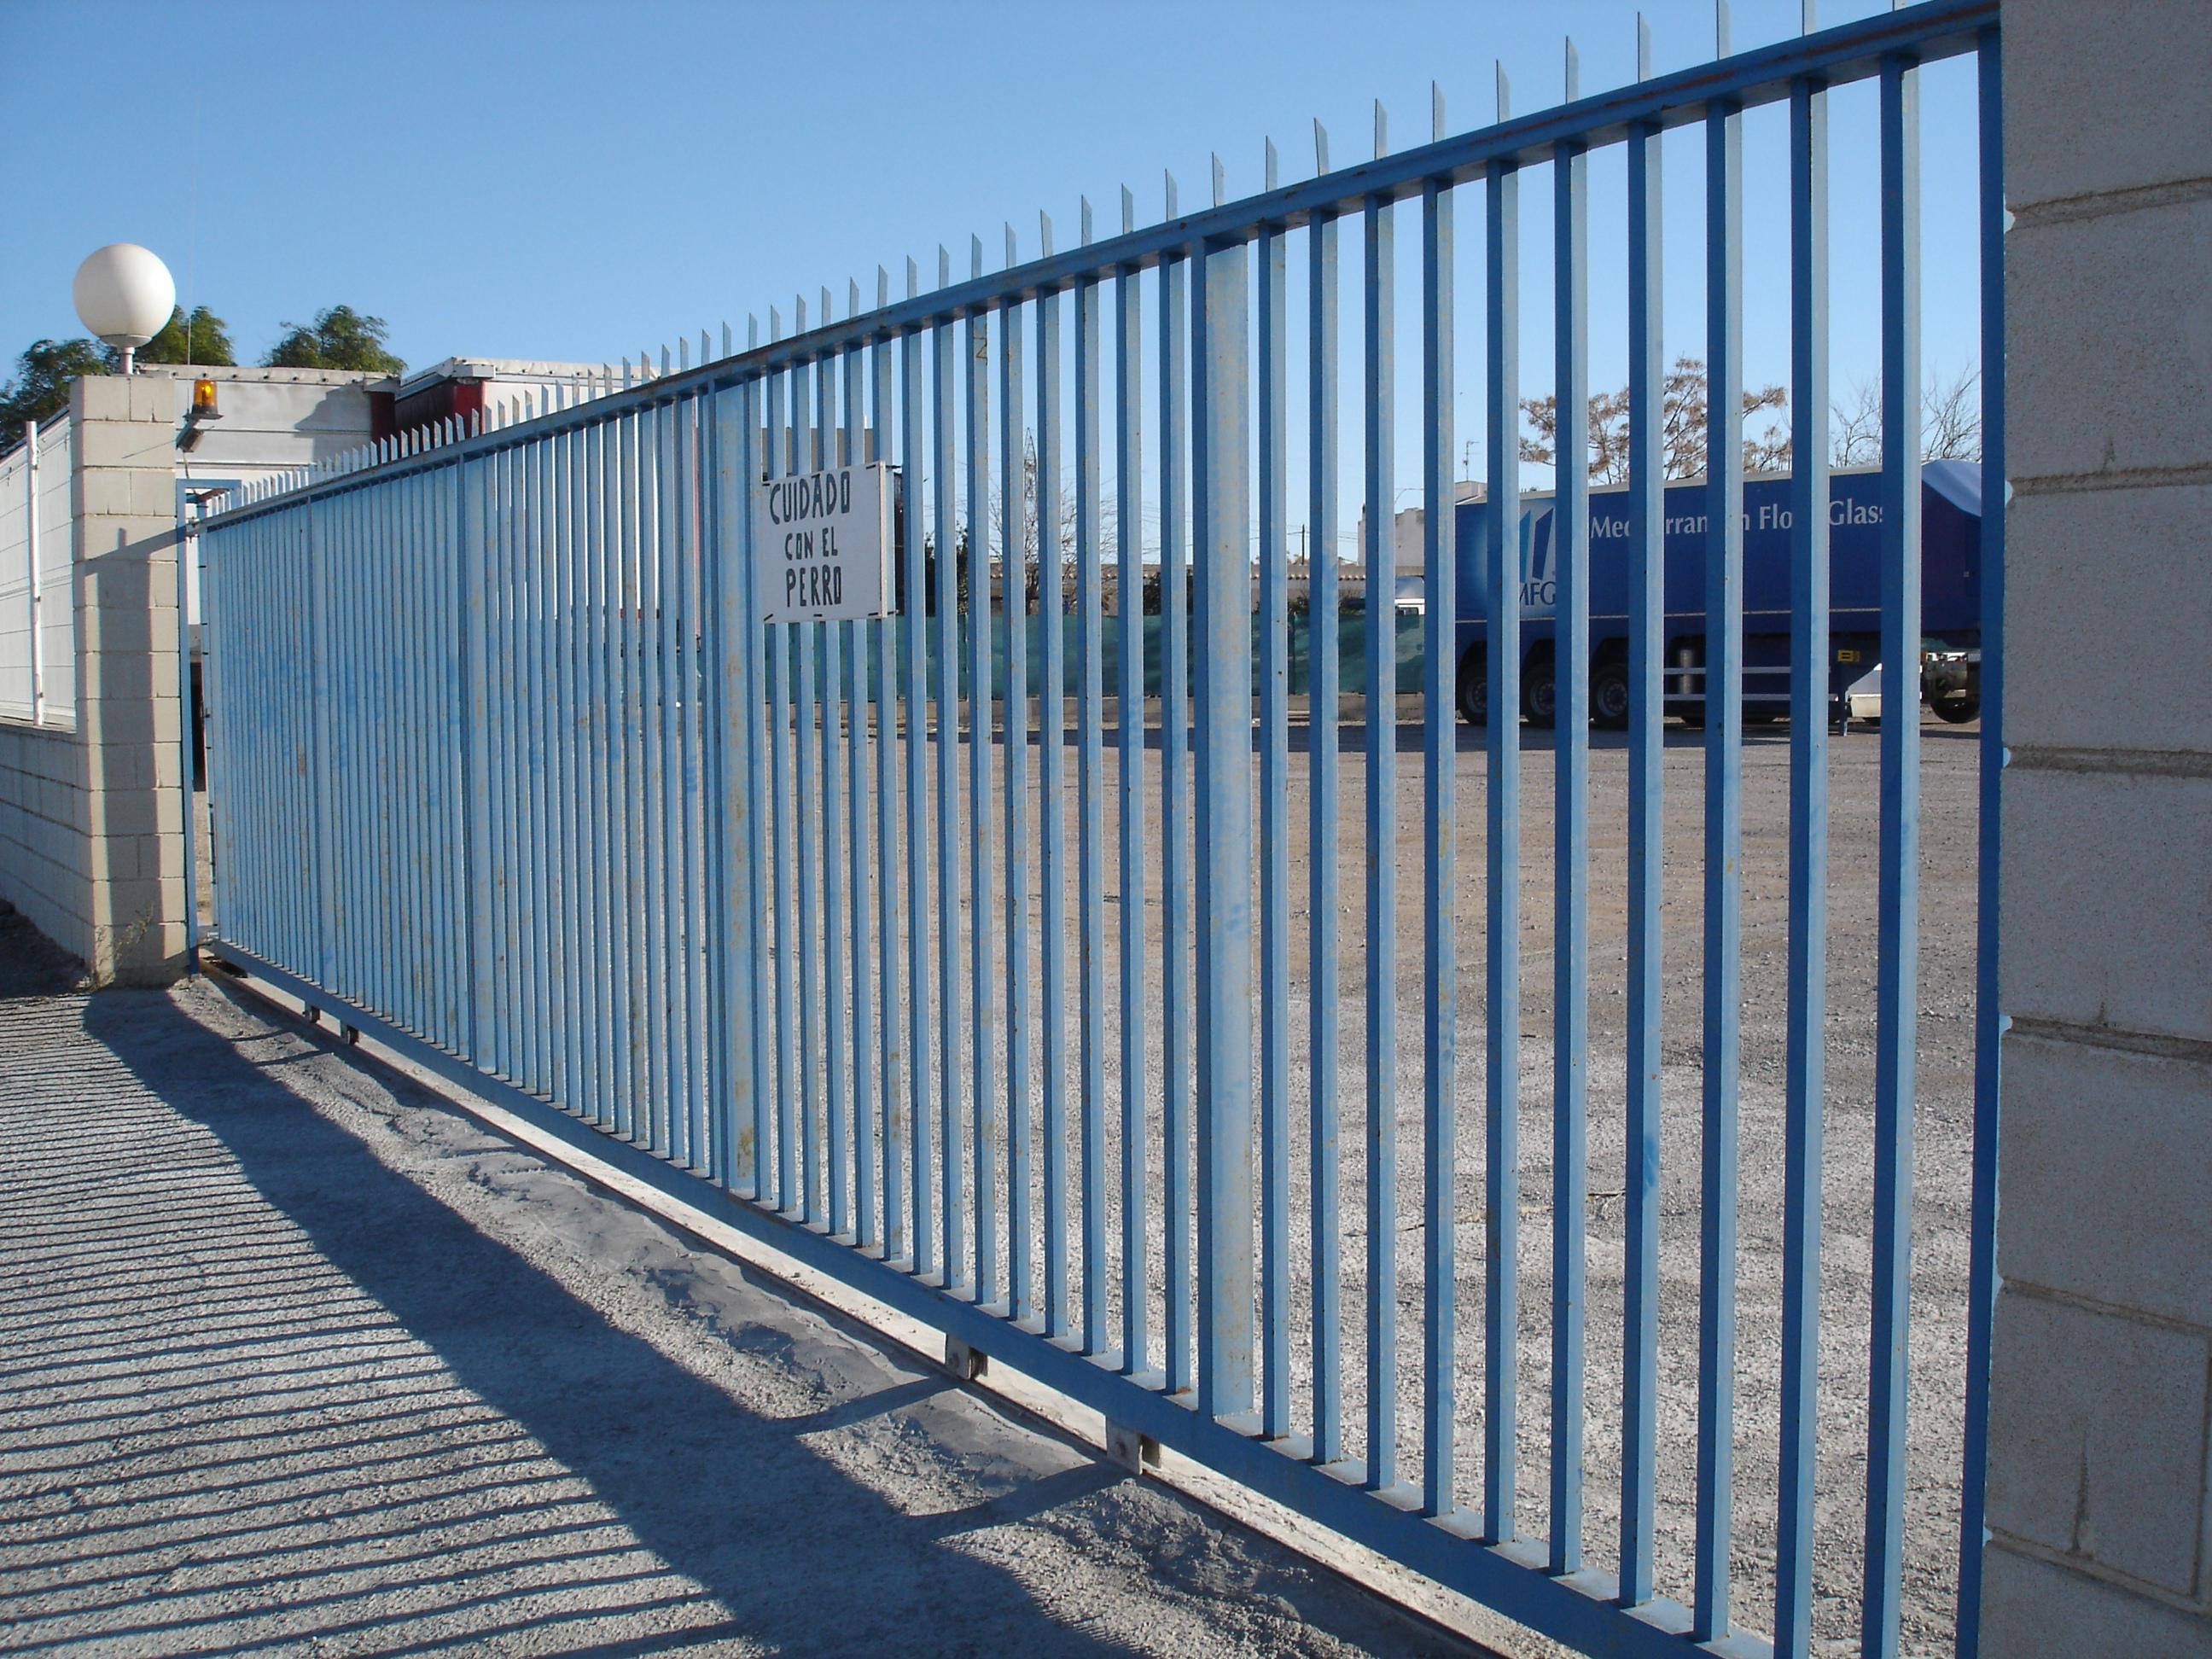 Puertas correderas o abatibles torival fabricacion y - Puertas correderas o abatibles ...